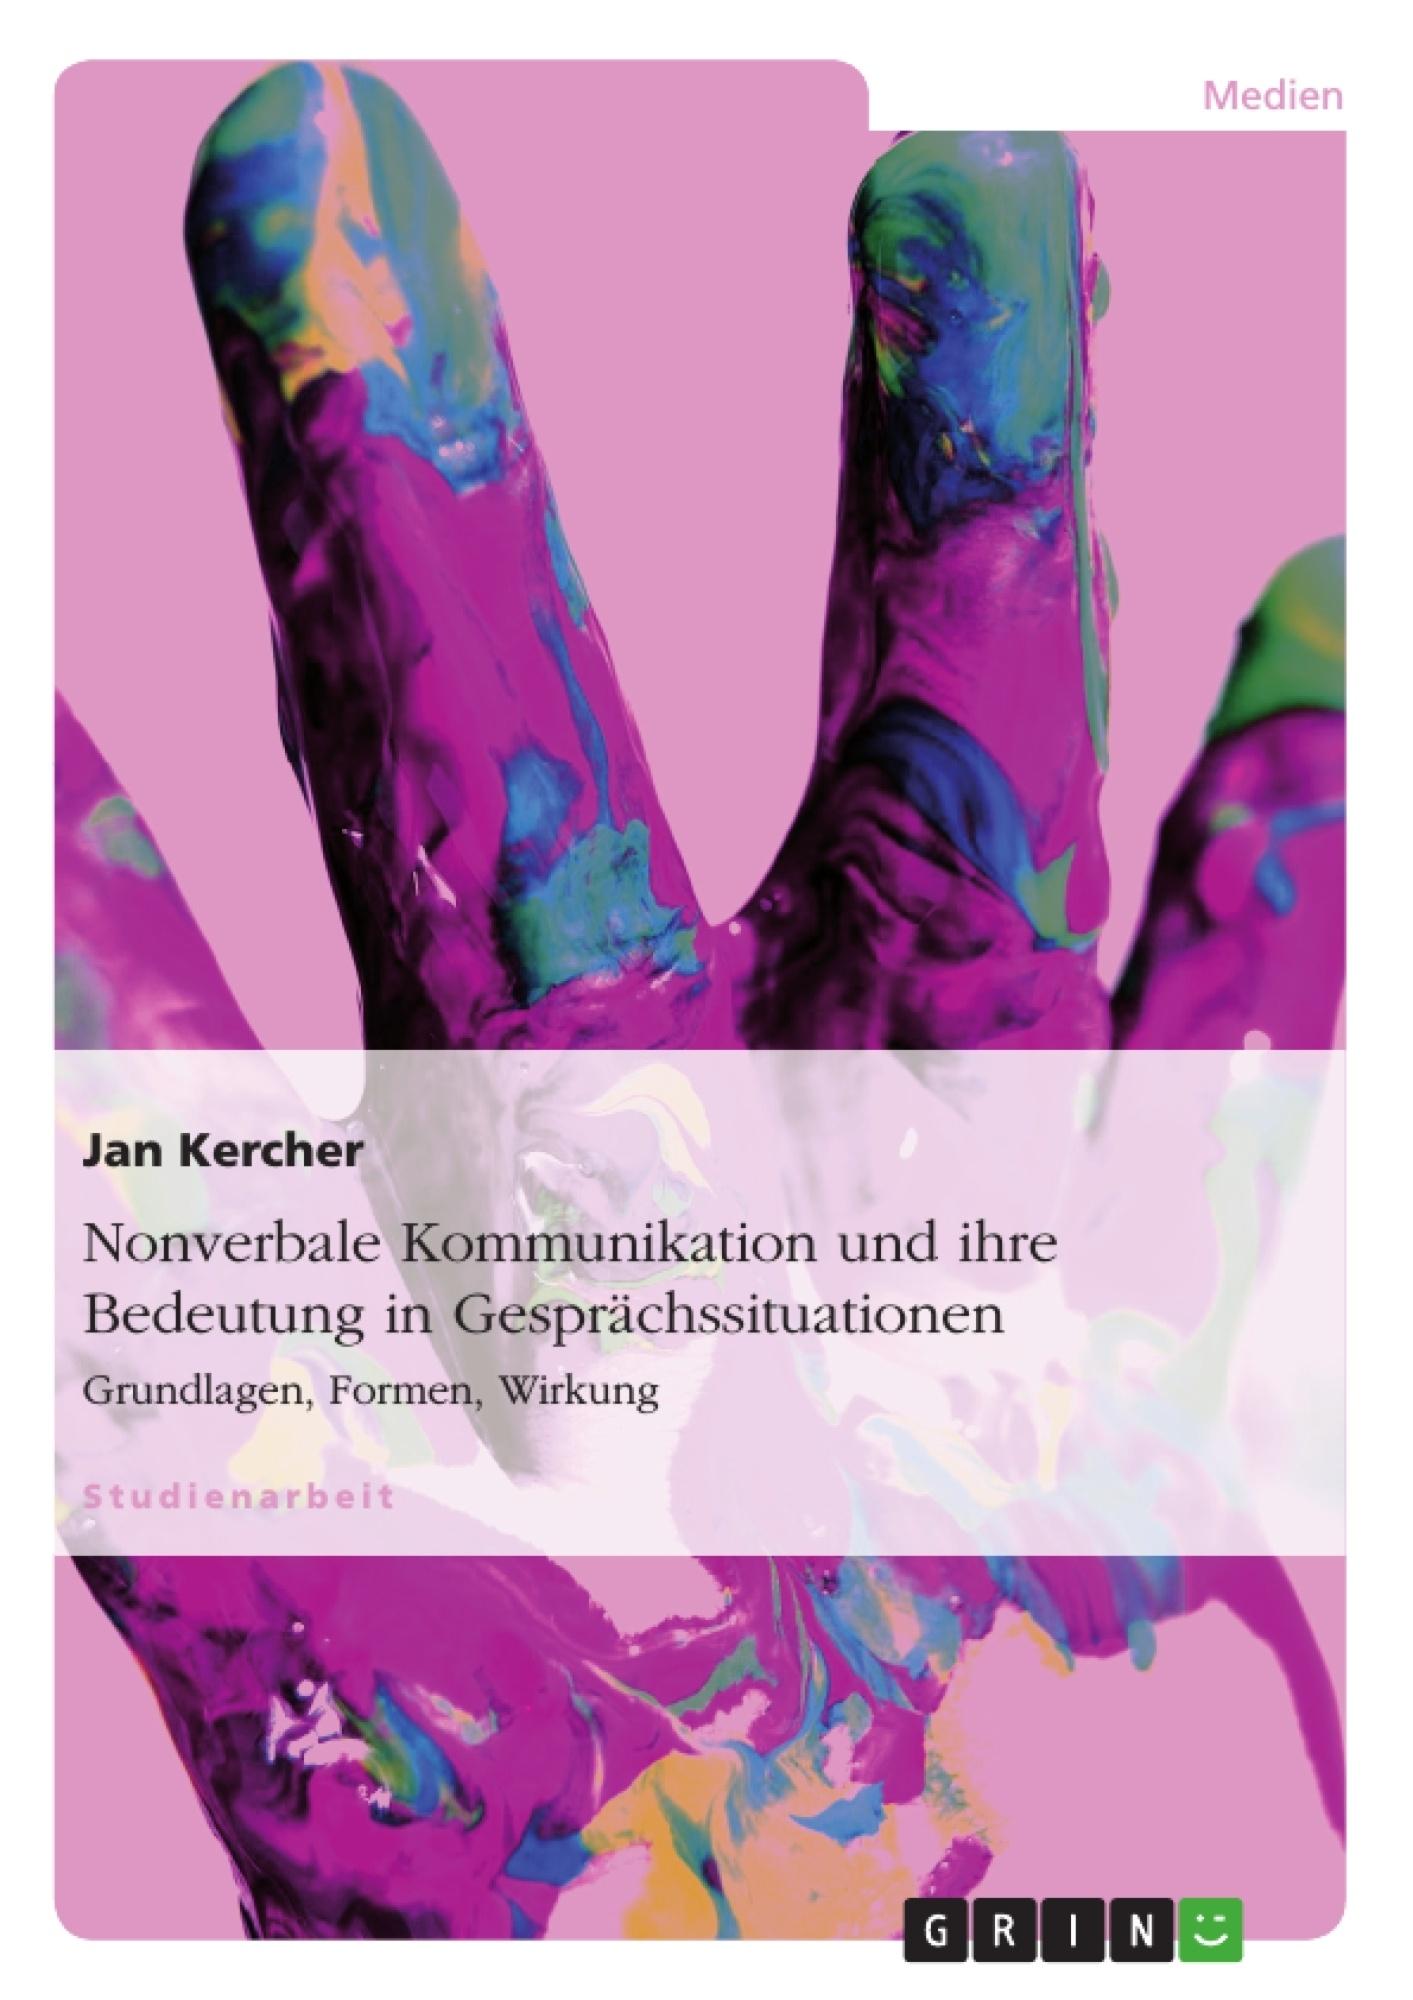 Titel: Nonverbale Kommunikation und ihre Bedeutung in Gesprächssituationen